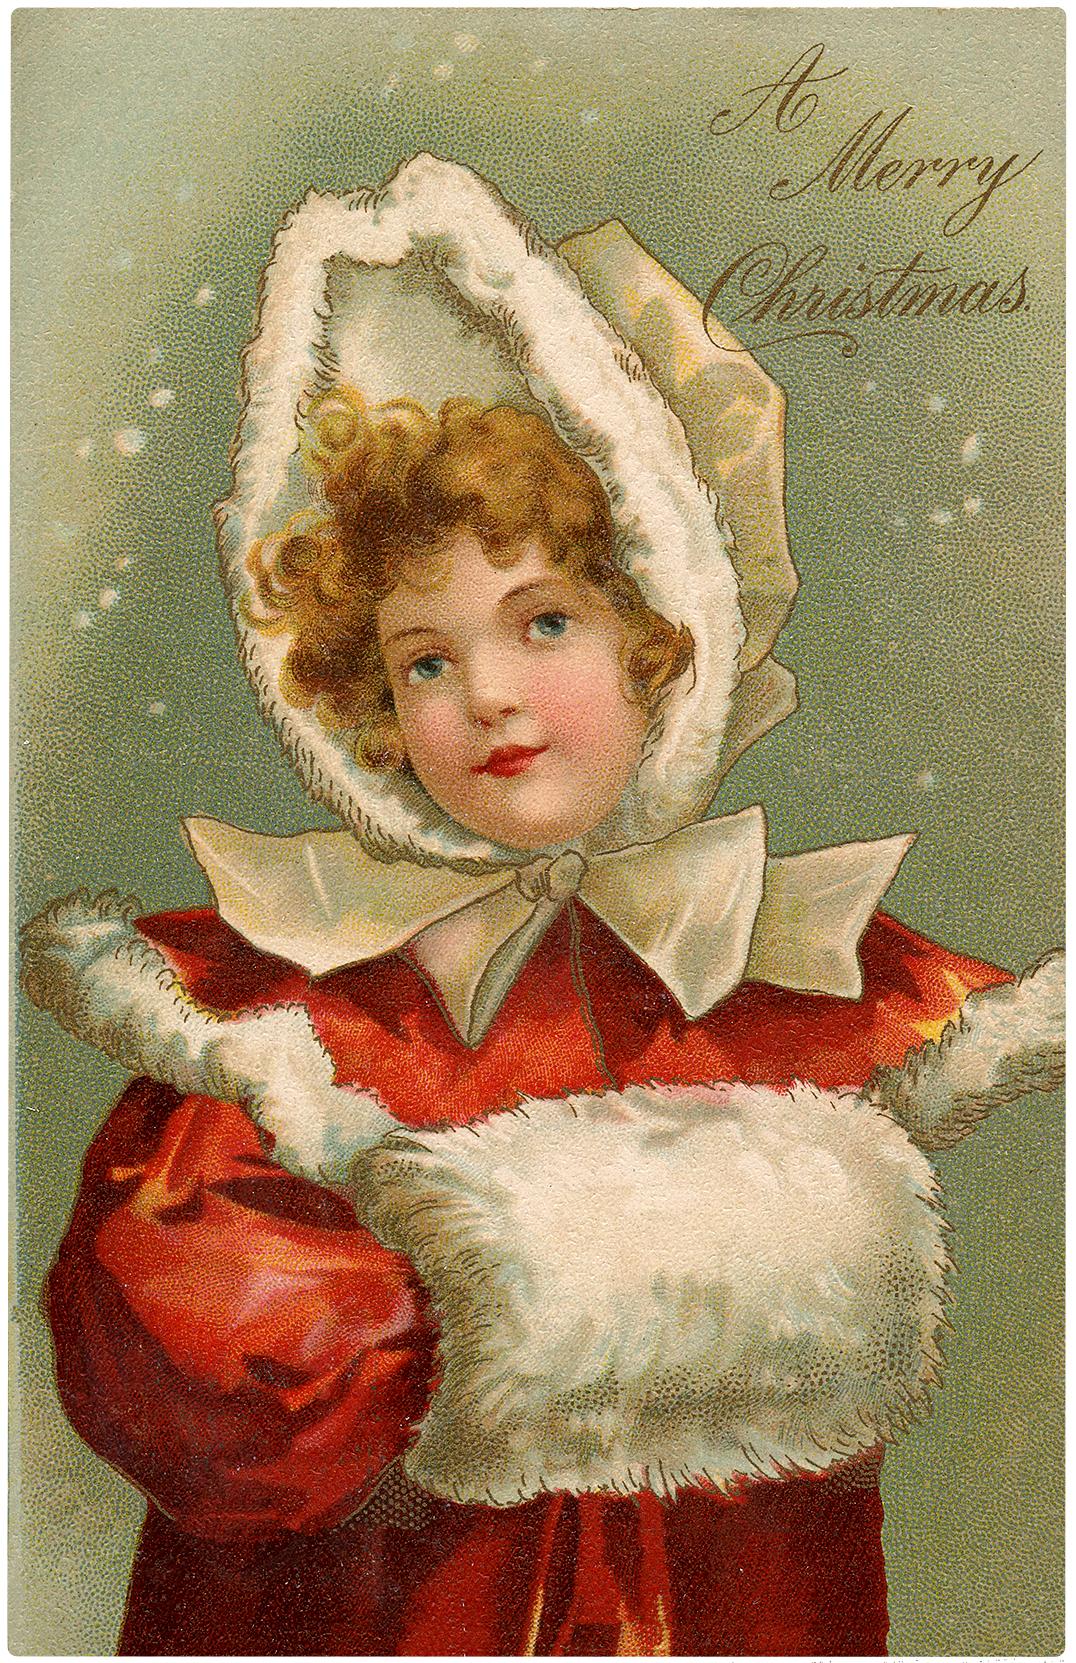 Vintage Girl with Fur Muff Christmas Image!